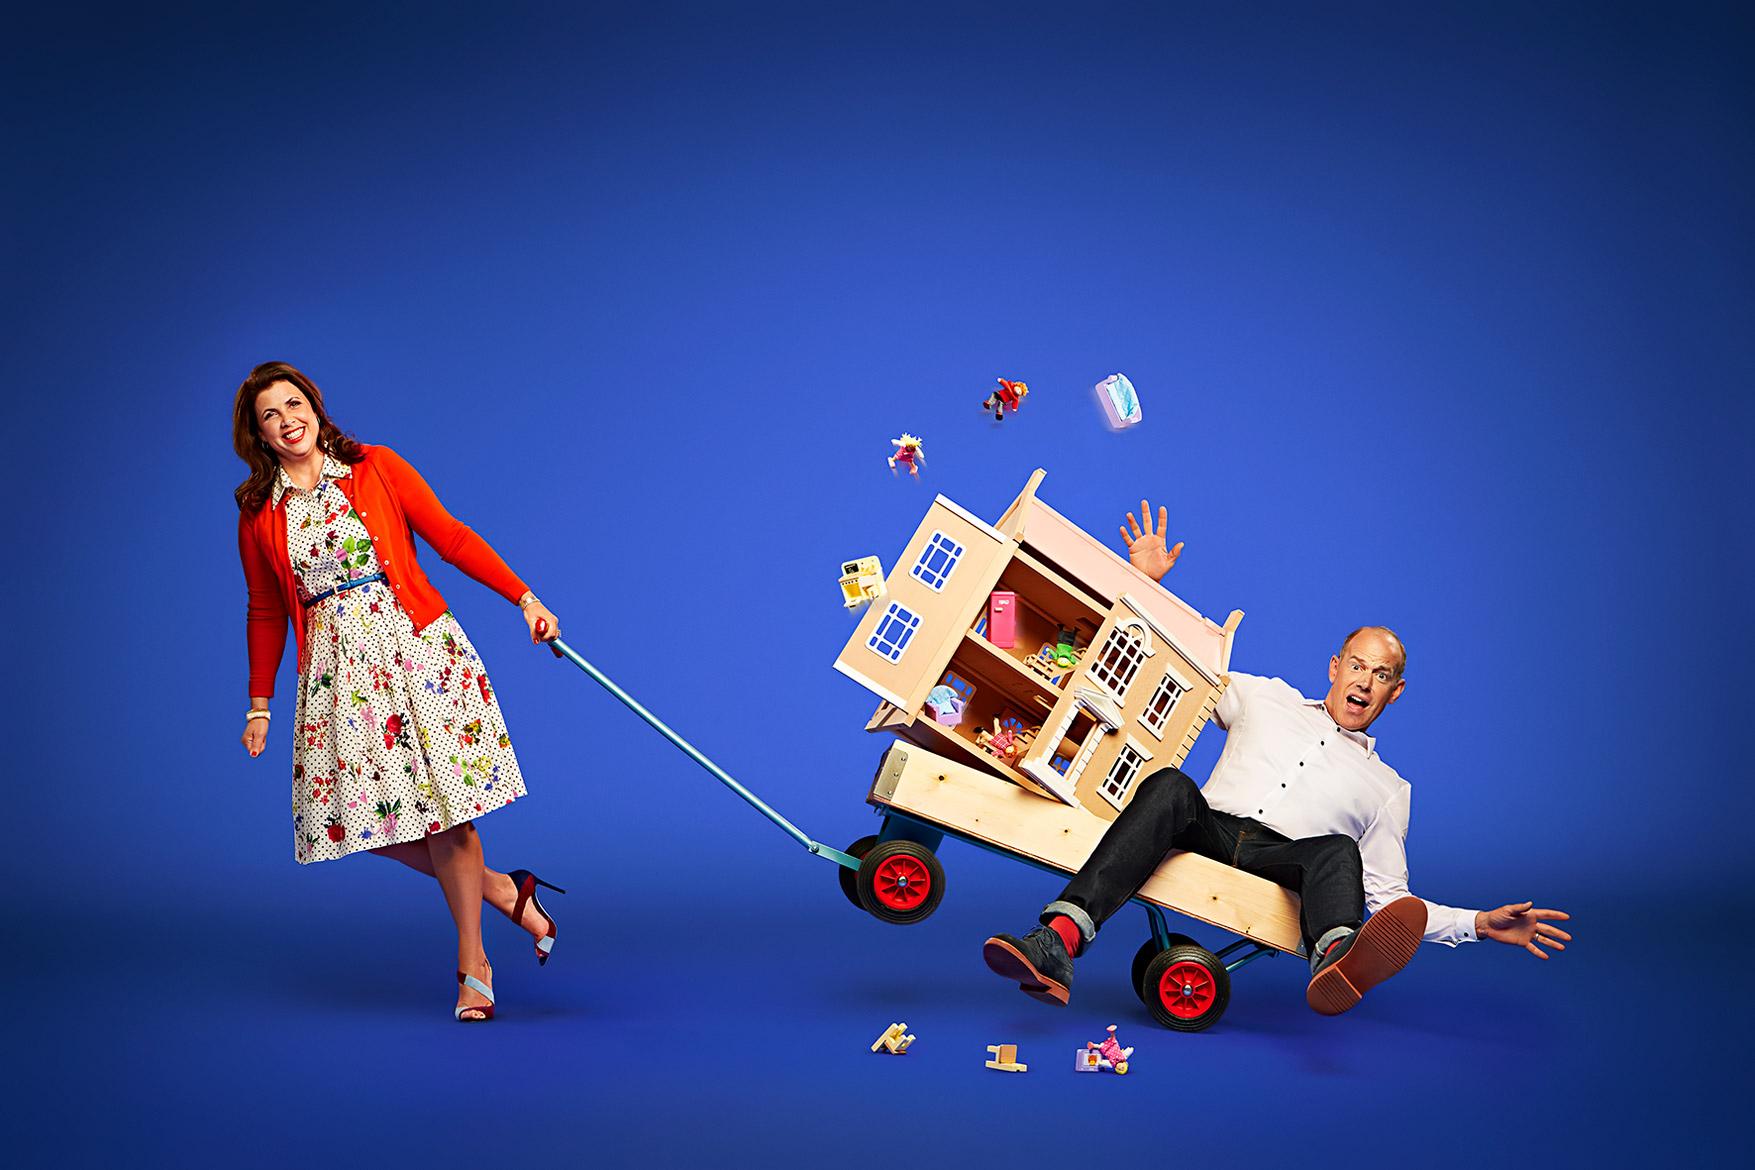 Simon Webb - Kirsty Allsopp and Phil Spencer